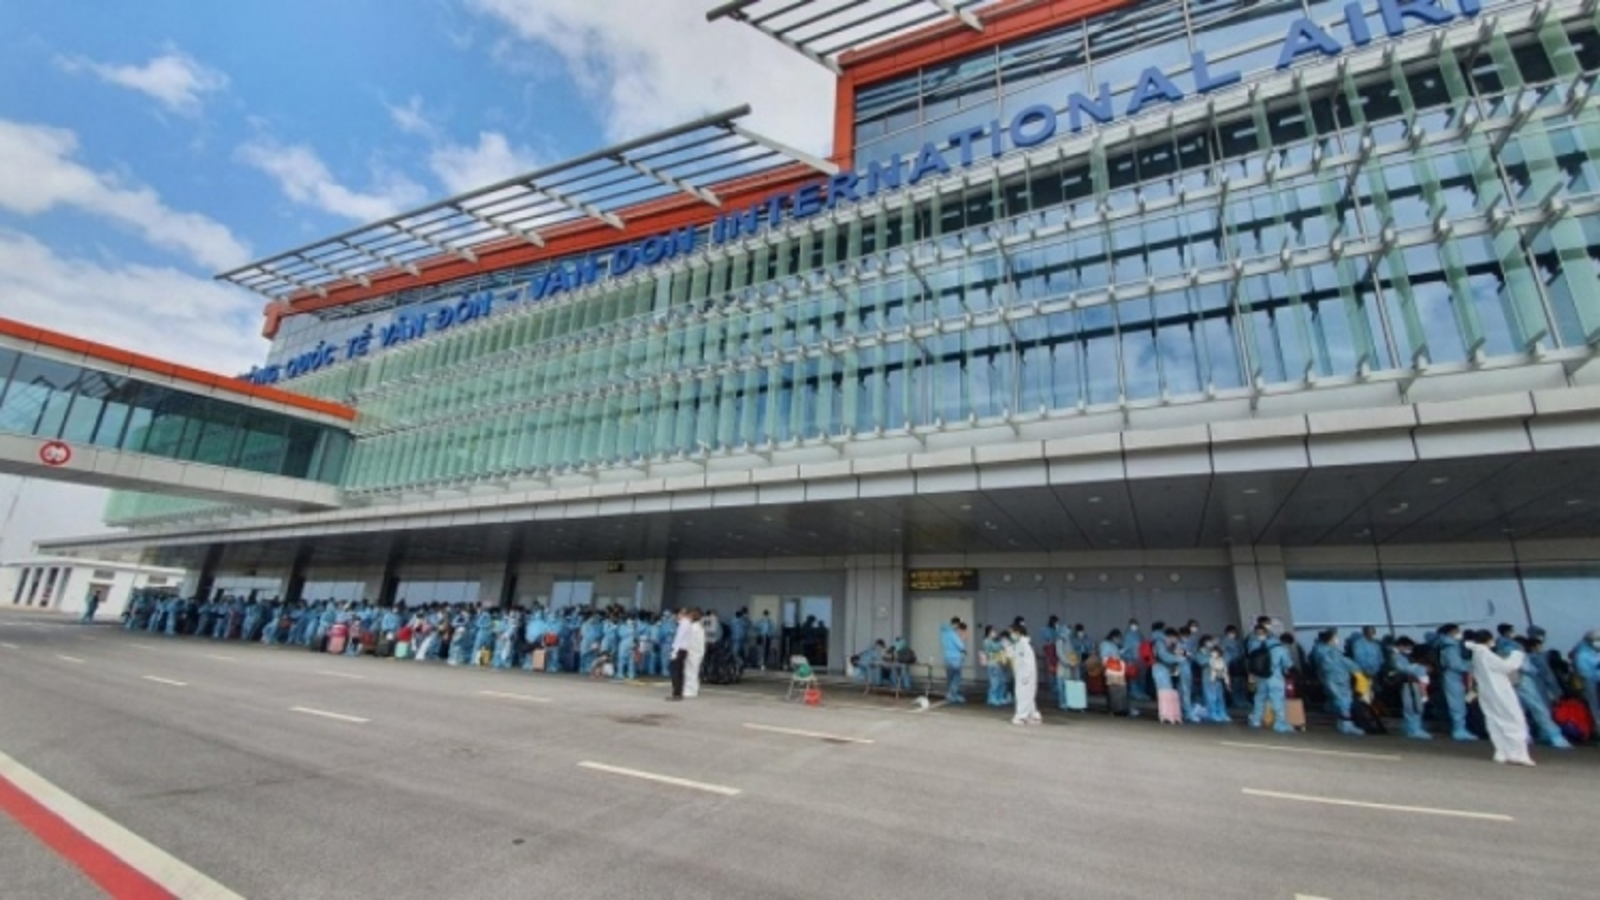 Tạm đóng cửa sân bay Vân Đồn sau khi 1 nhân viên dương tính với SAR-CoV-2